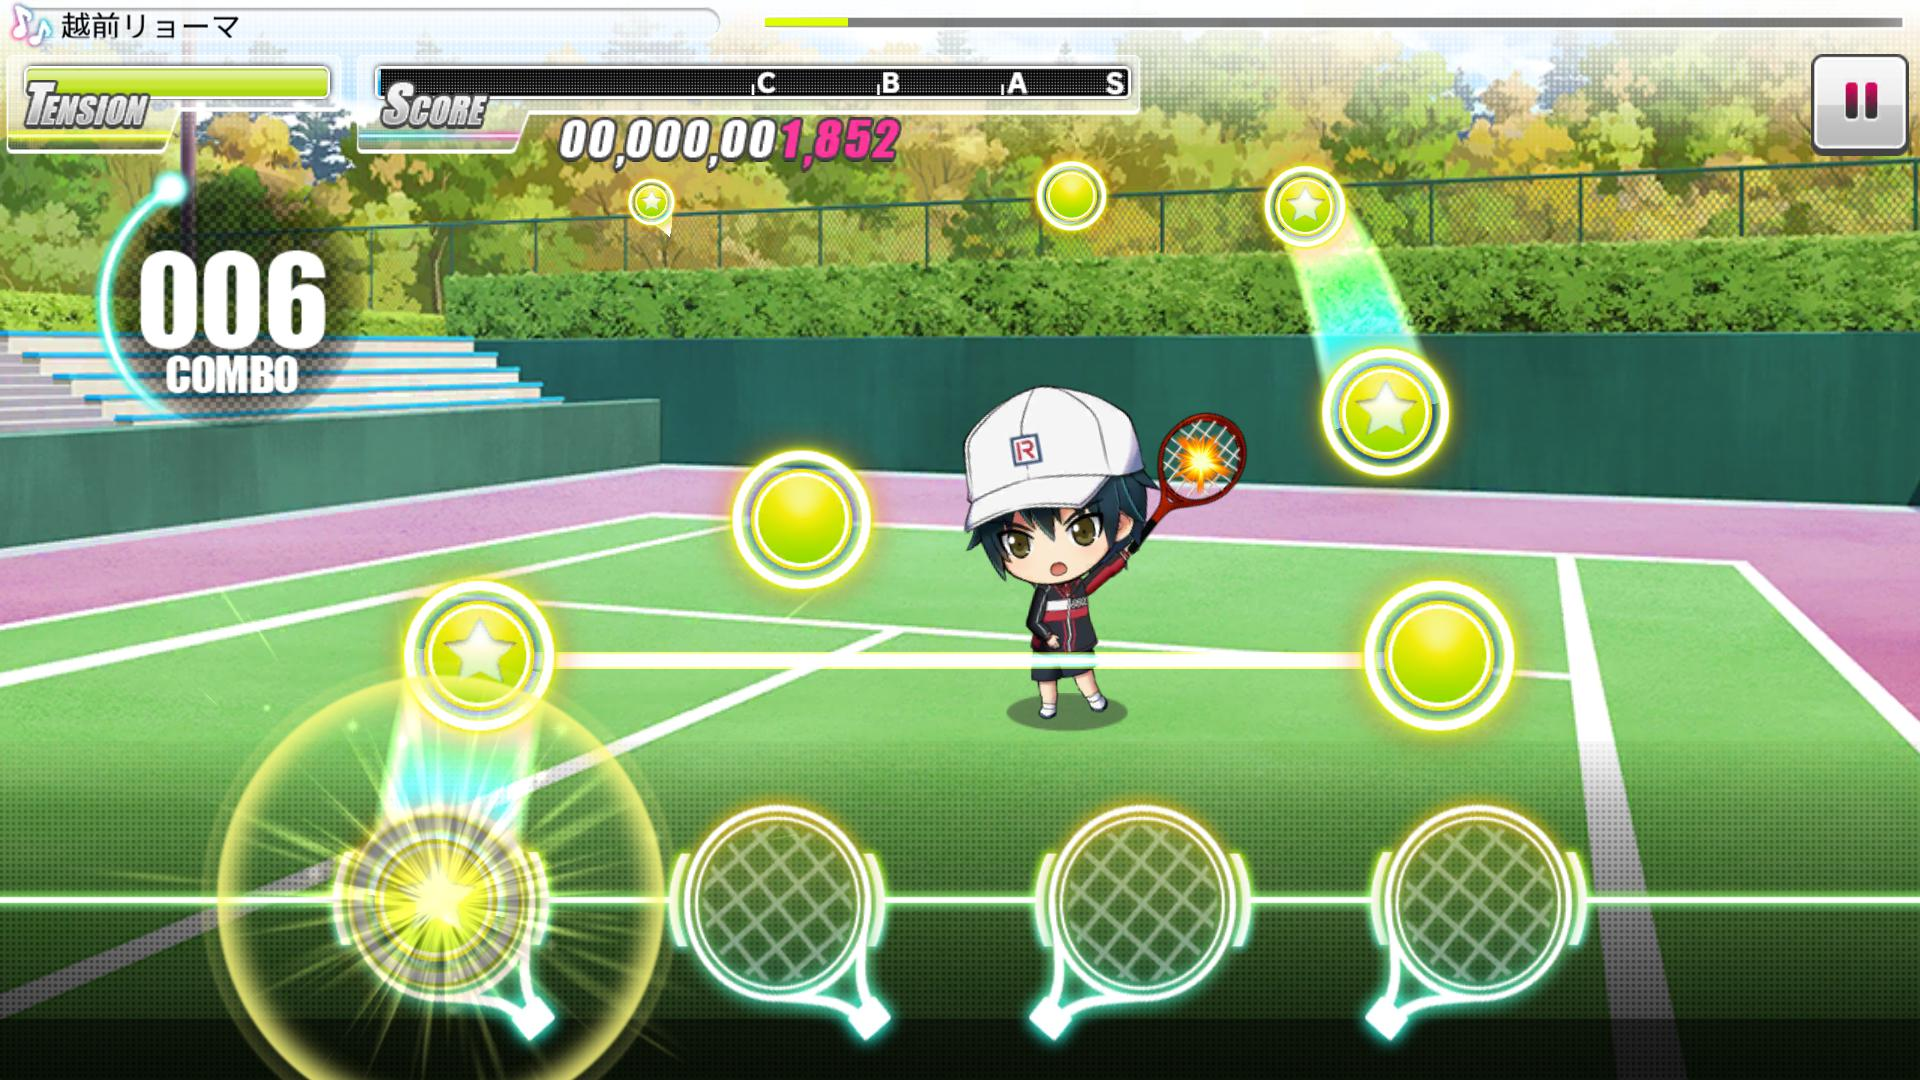 新网球王子 RisingBeat(日服) 游戏截图5